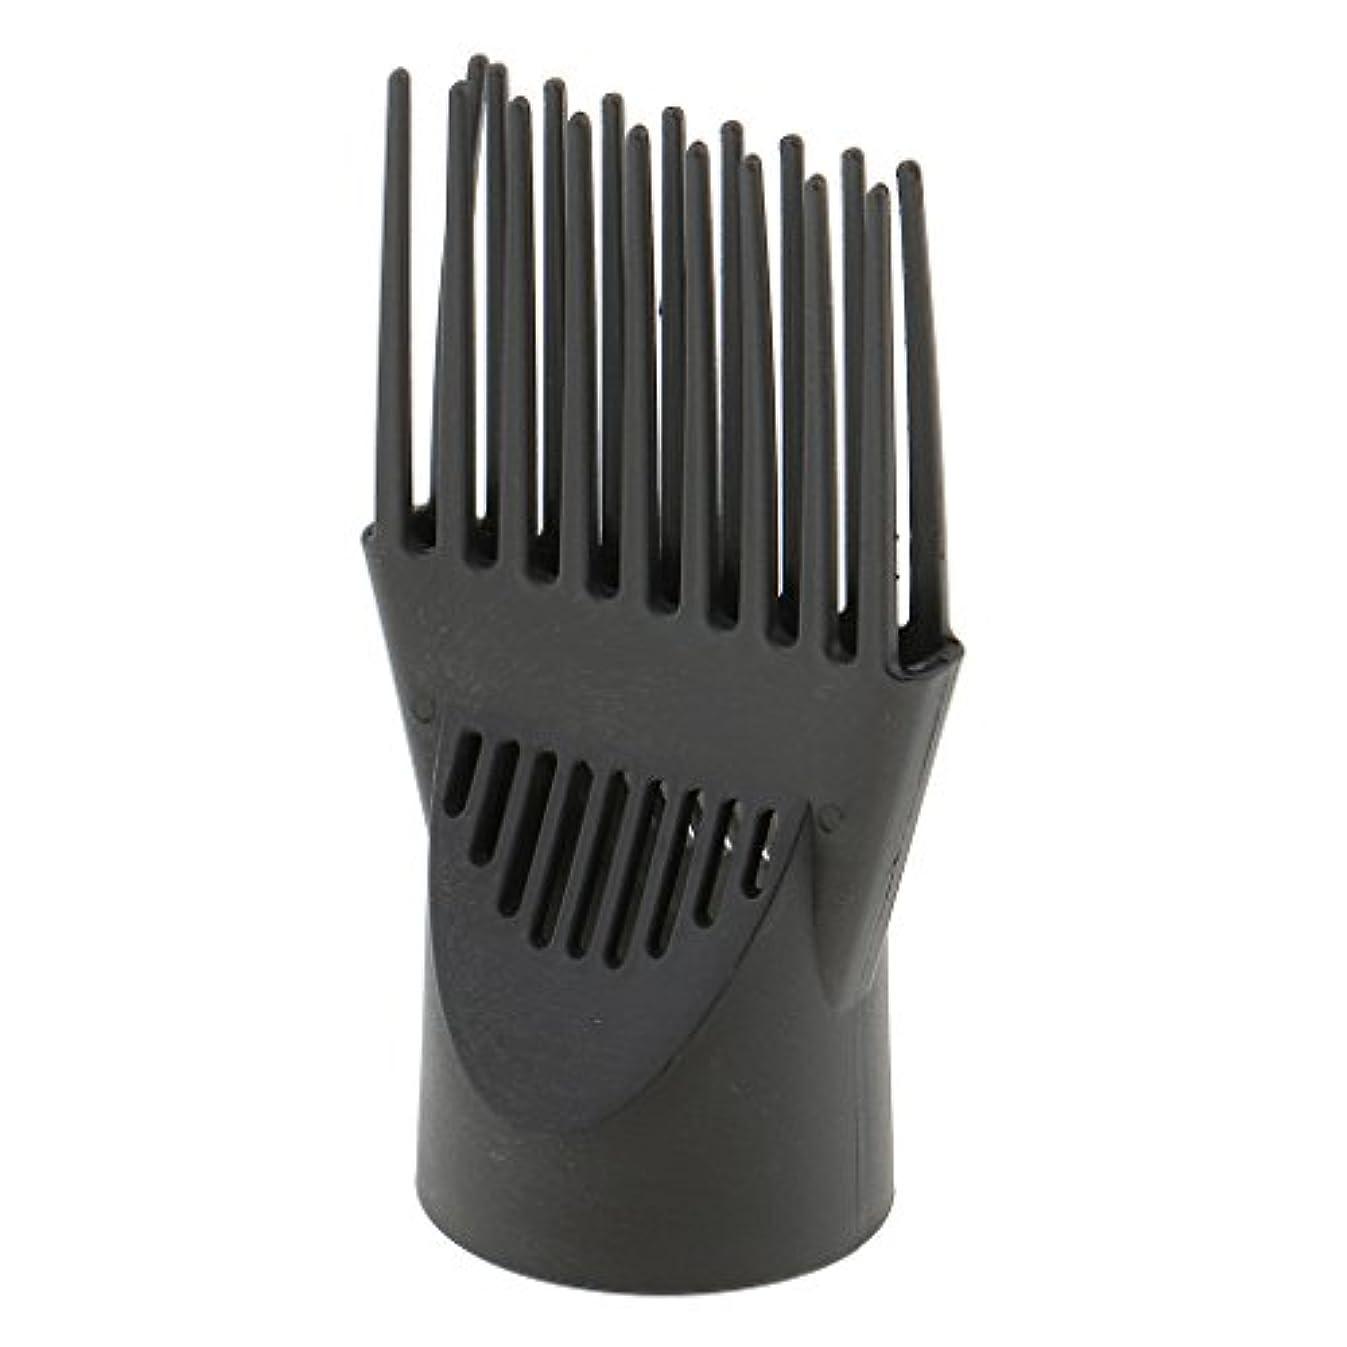 部屋を掃除する眼ピットToygogo プロフェッショナルユニバーサル理髪サロンヘアドライヤーディフューザー風ブローカバーコームアタッチメントノズルブラックプラスチックデュアルグリップ